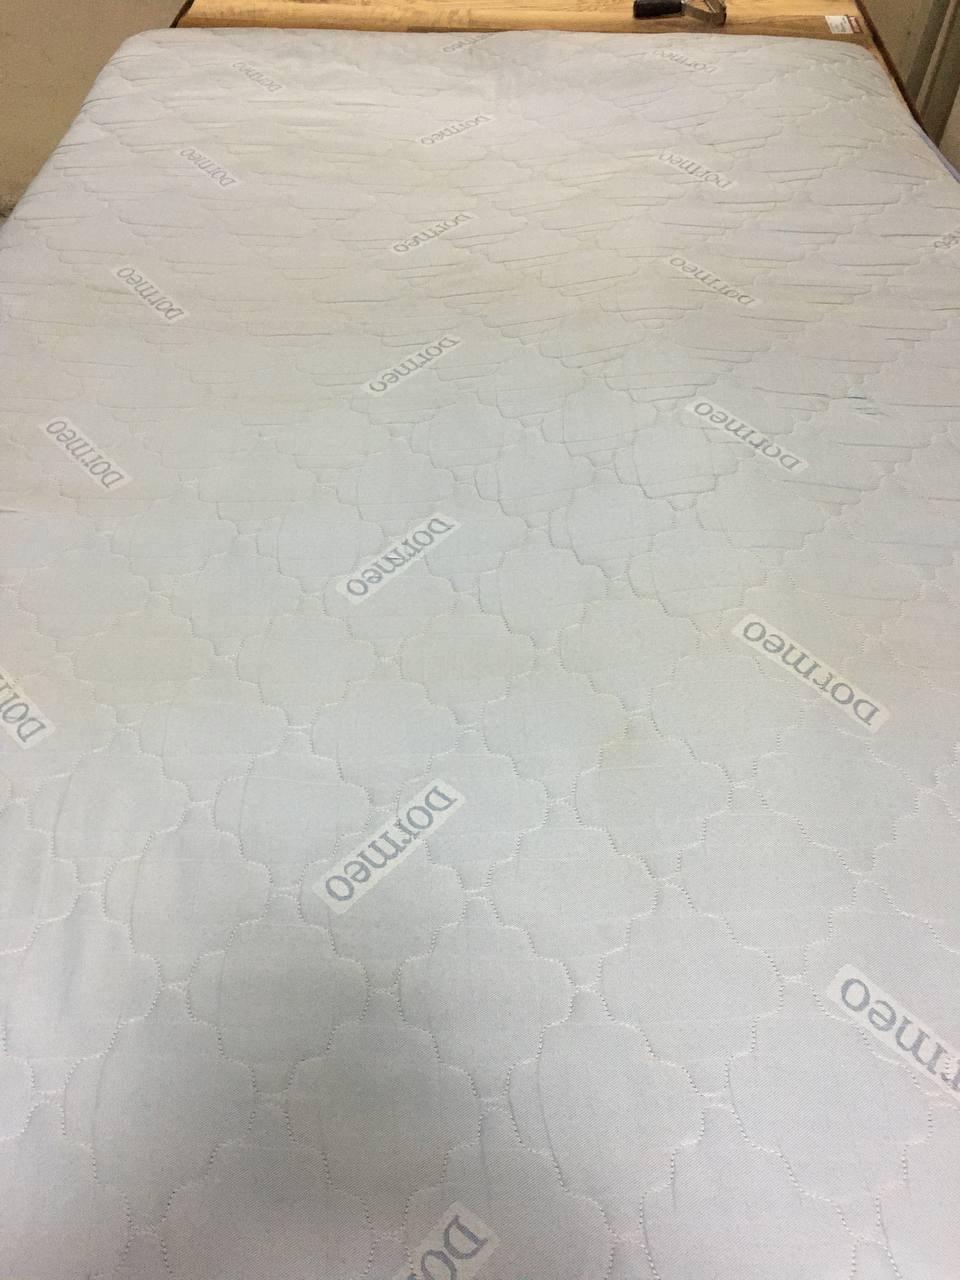 Стирка ковров, химчистка мебели, профессиональная уборка от сервиса чистоты Clean Master, фото-8